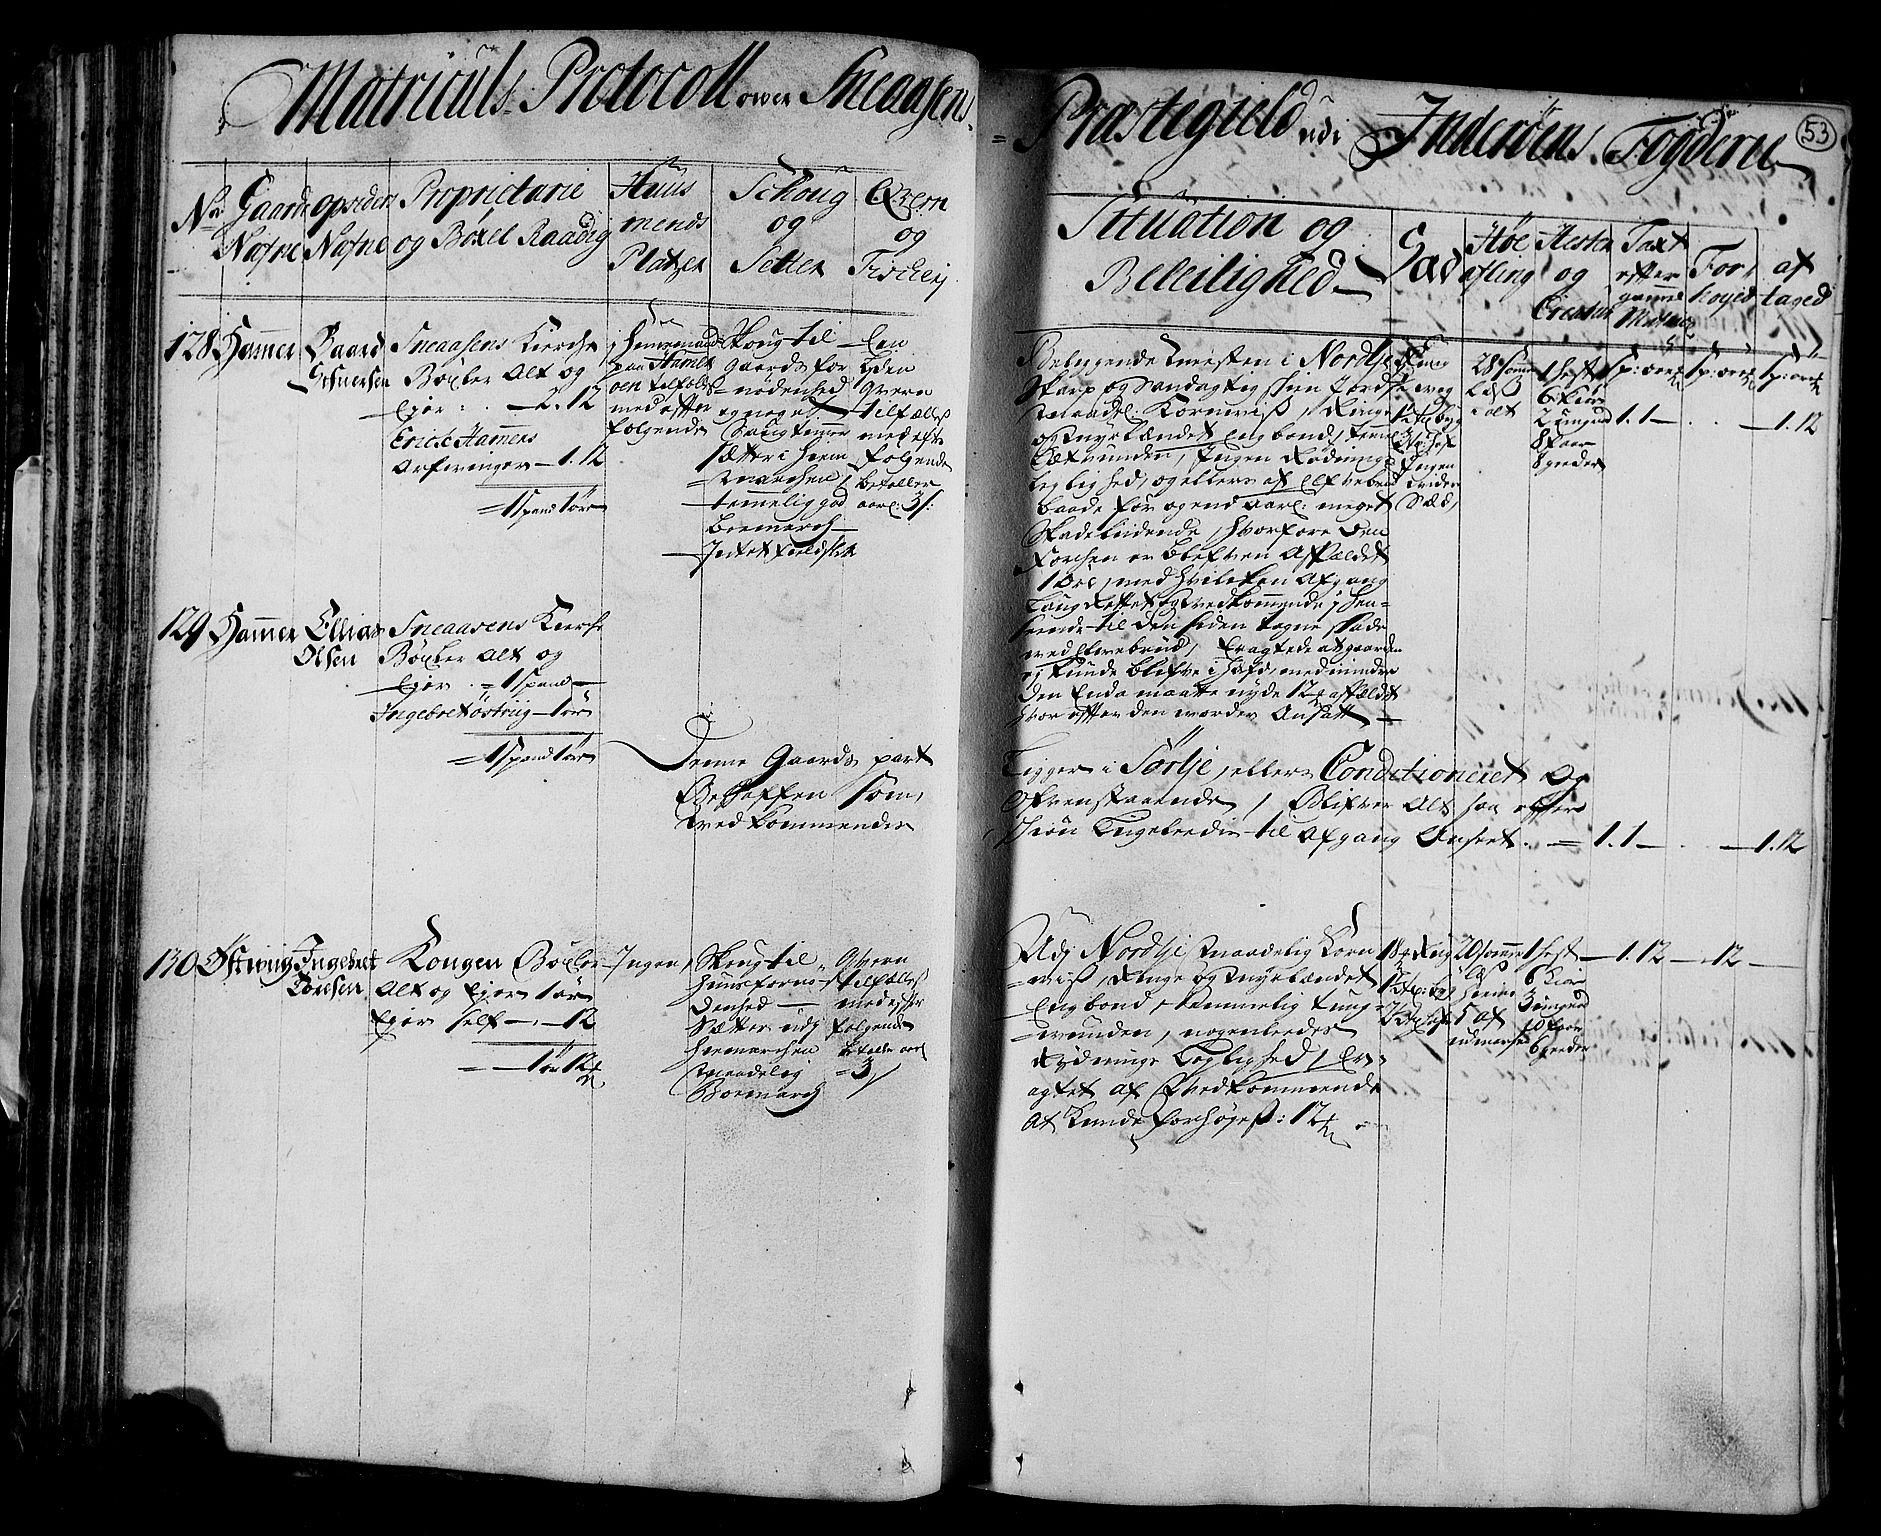 RA, Rentekammeret inntil 1814, Realistisk ordnet avdeling, N/Nb/Nbf/L0166: Inderøy eksaminasjonsprotokoll, 1723, s. 52b-53a